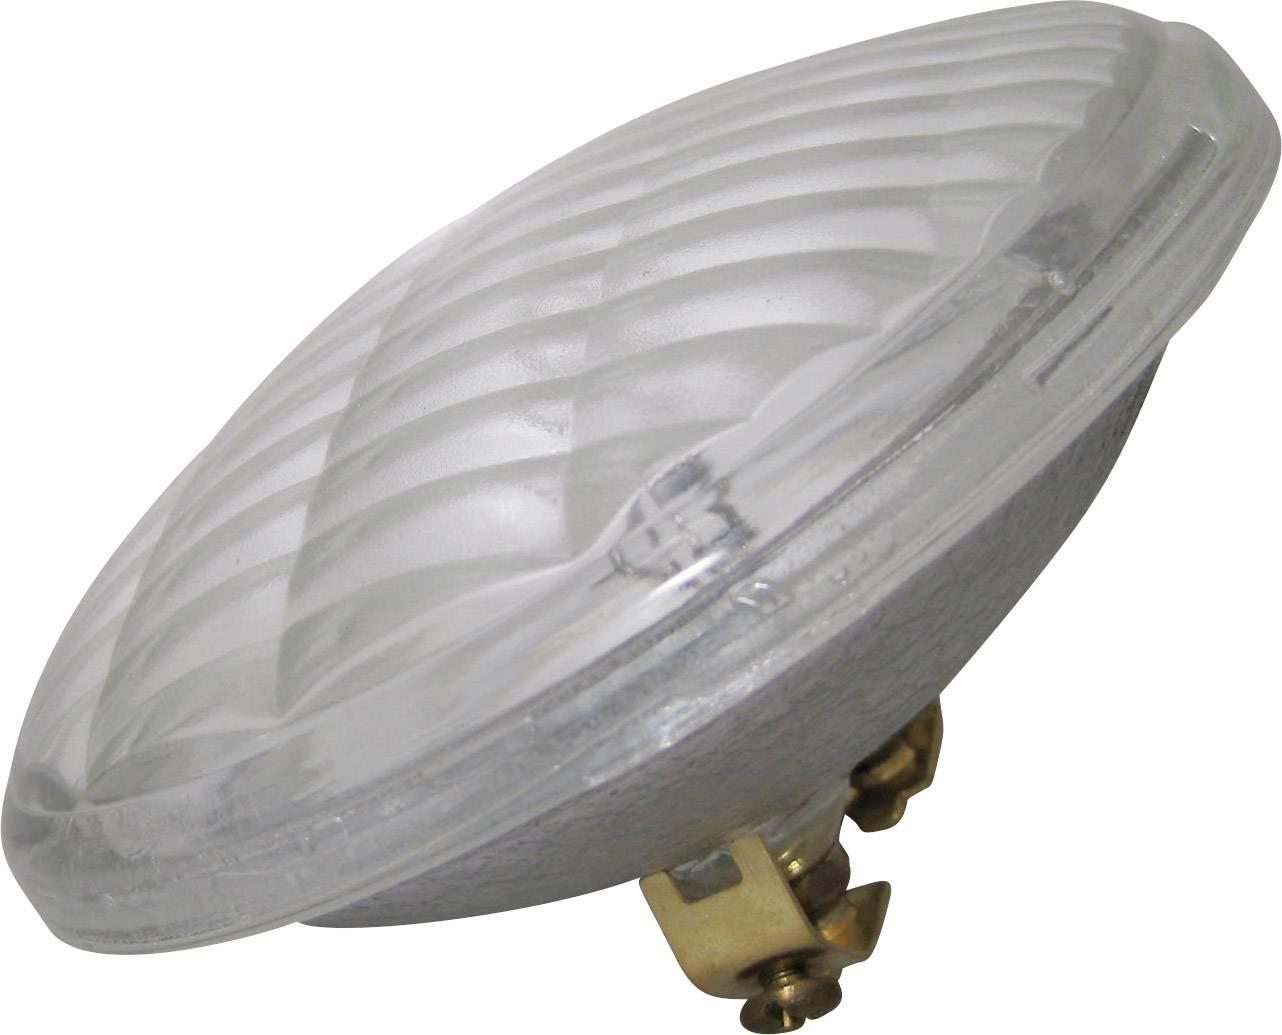 Bodová žiarovka PAR 36, typ flood, G5.3, 30 W